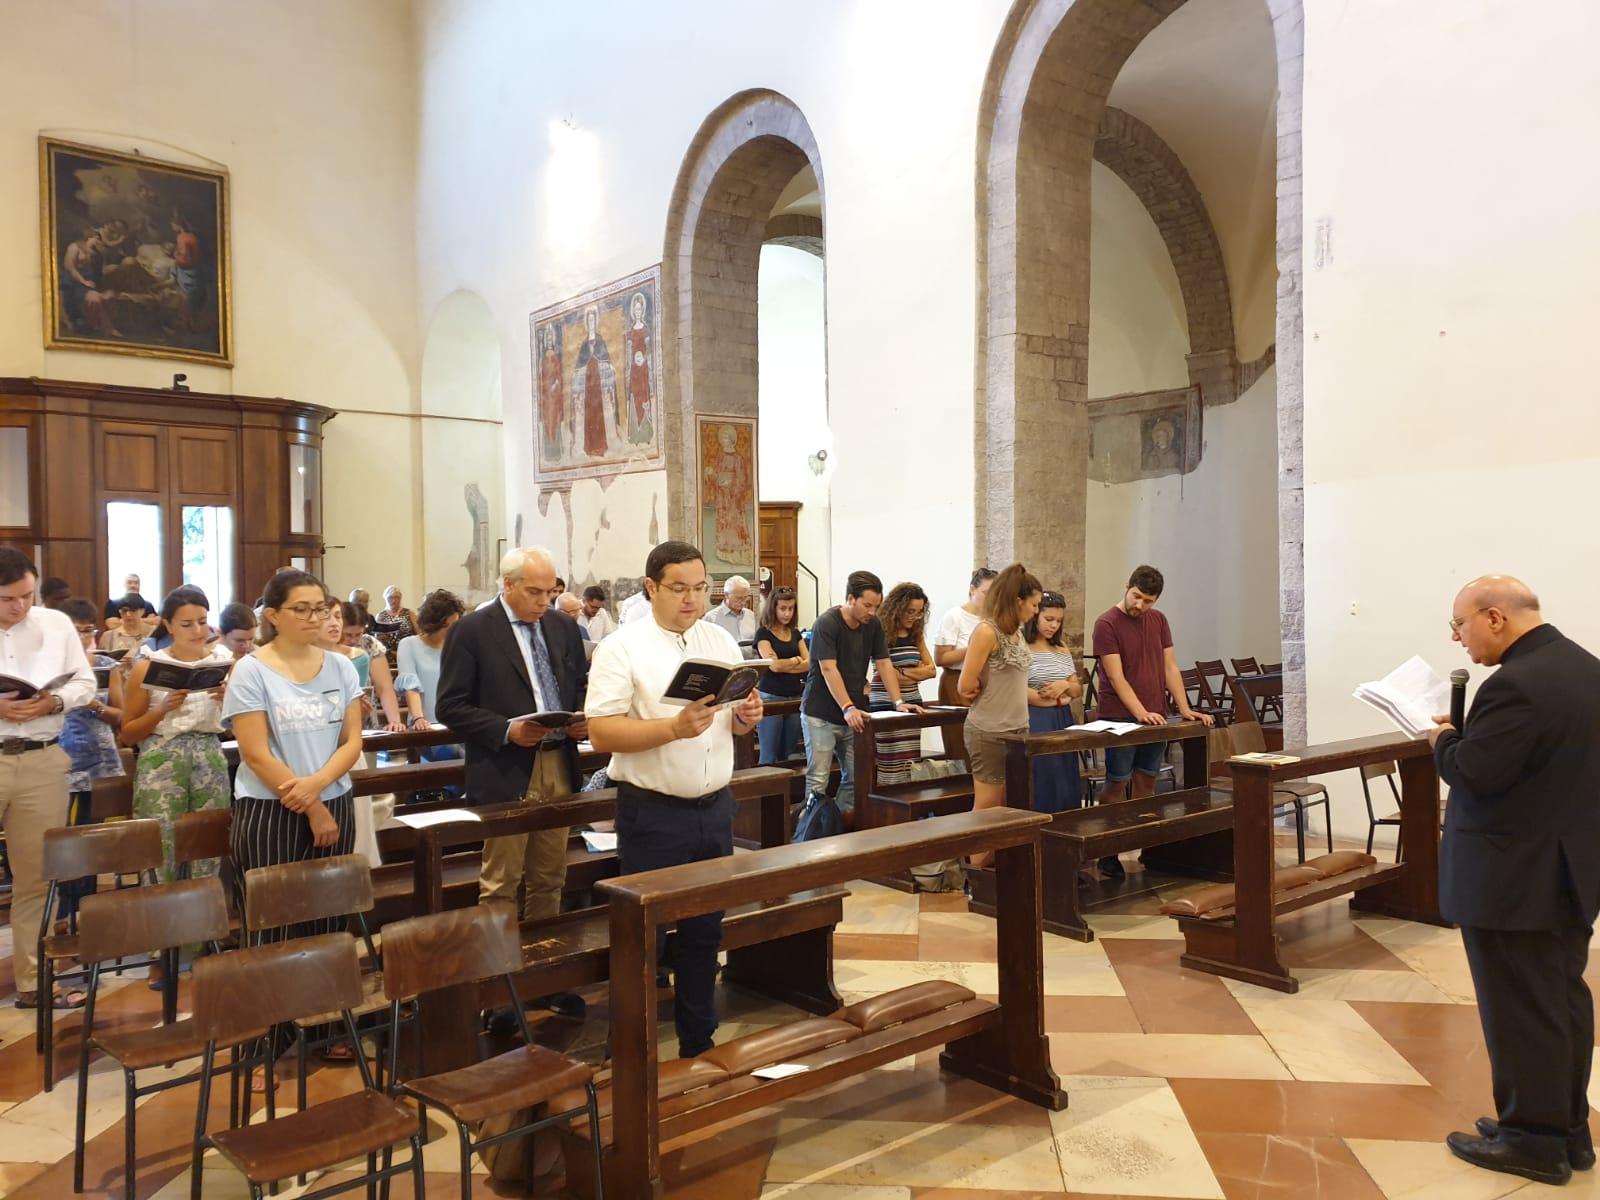 SummerSchool Assisi2019 26July 9